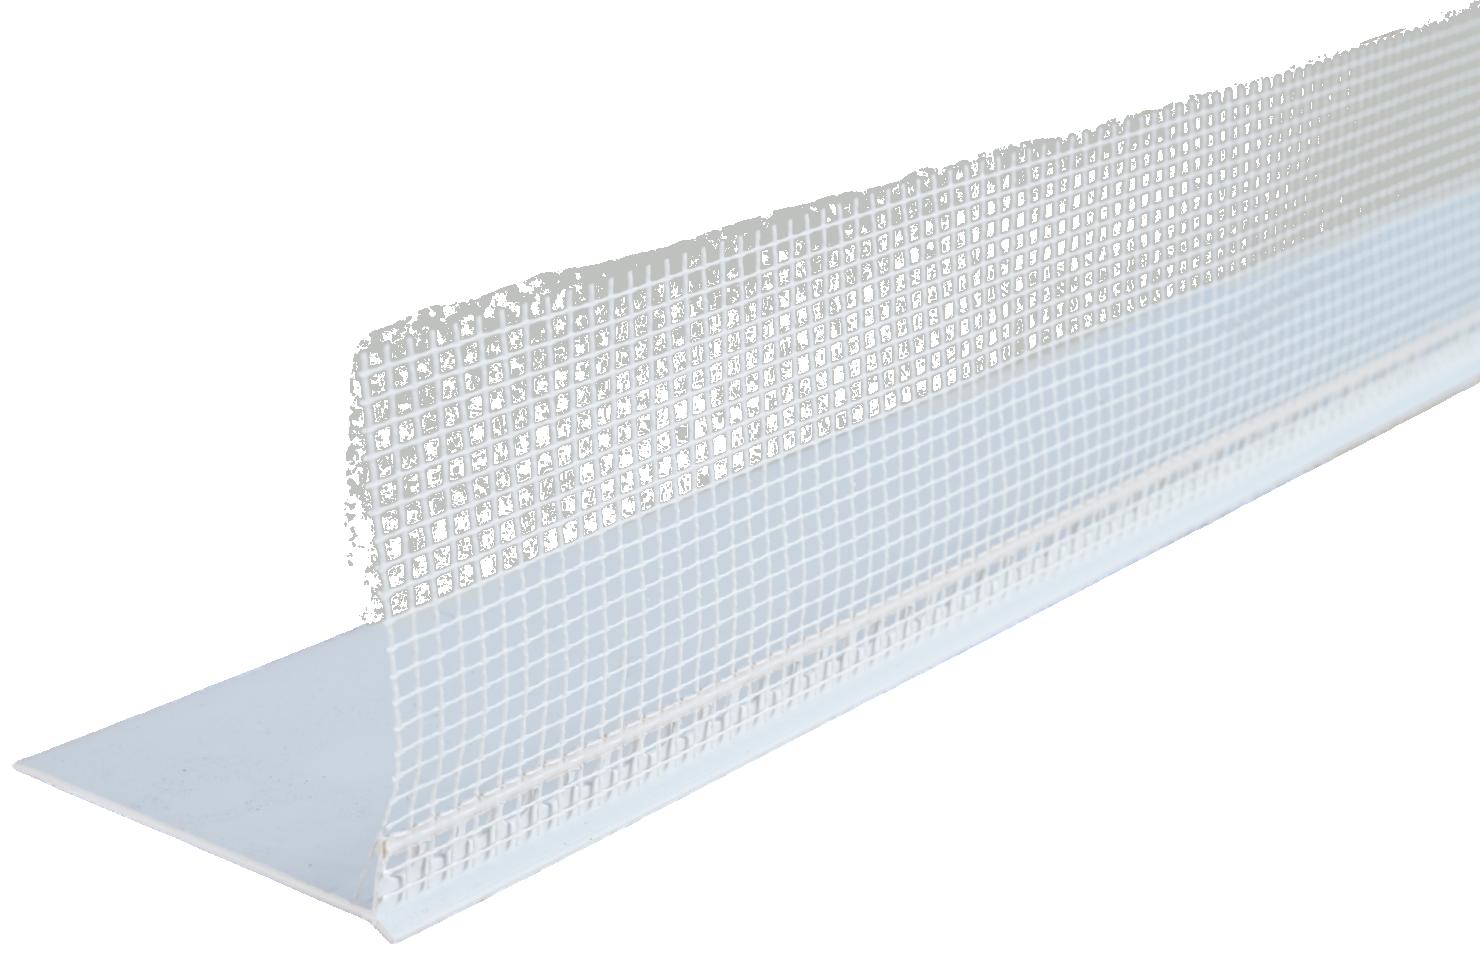 Variable Plinth Base Track – UdiBASE 100 – 240mm